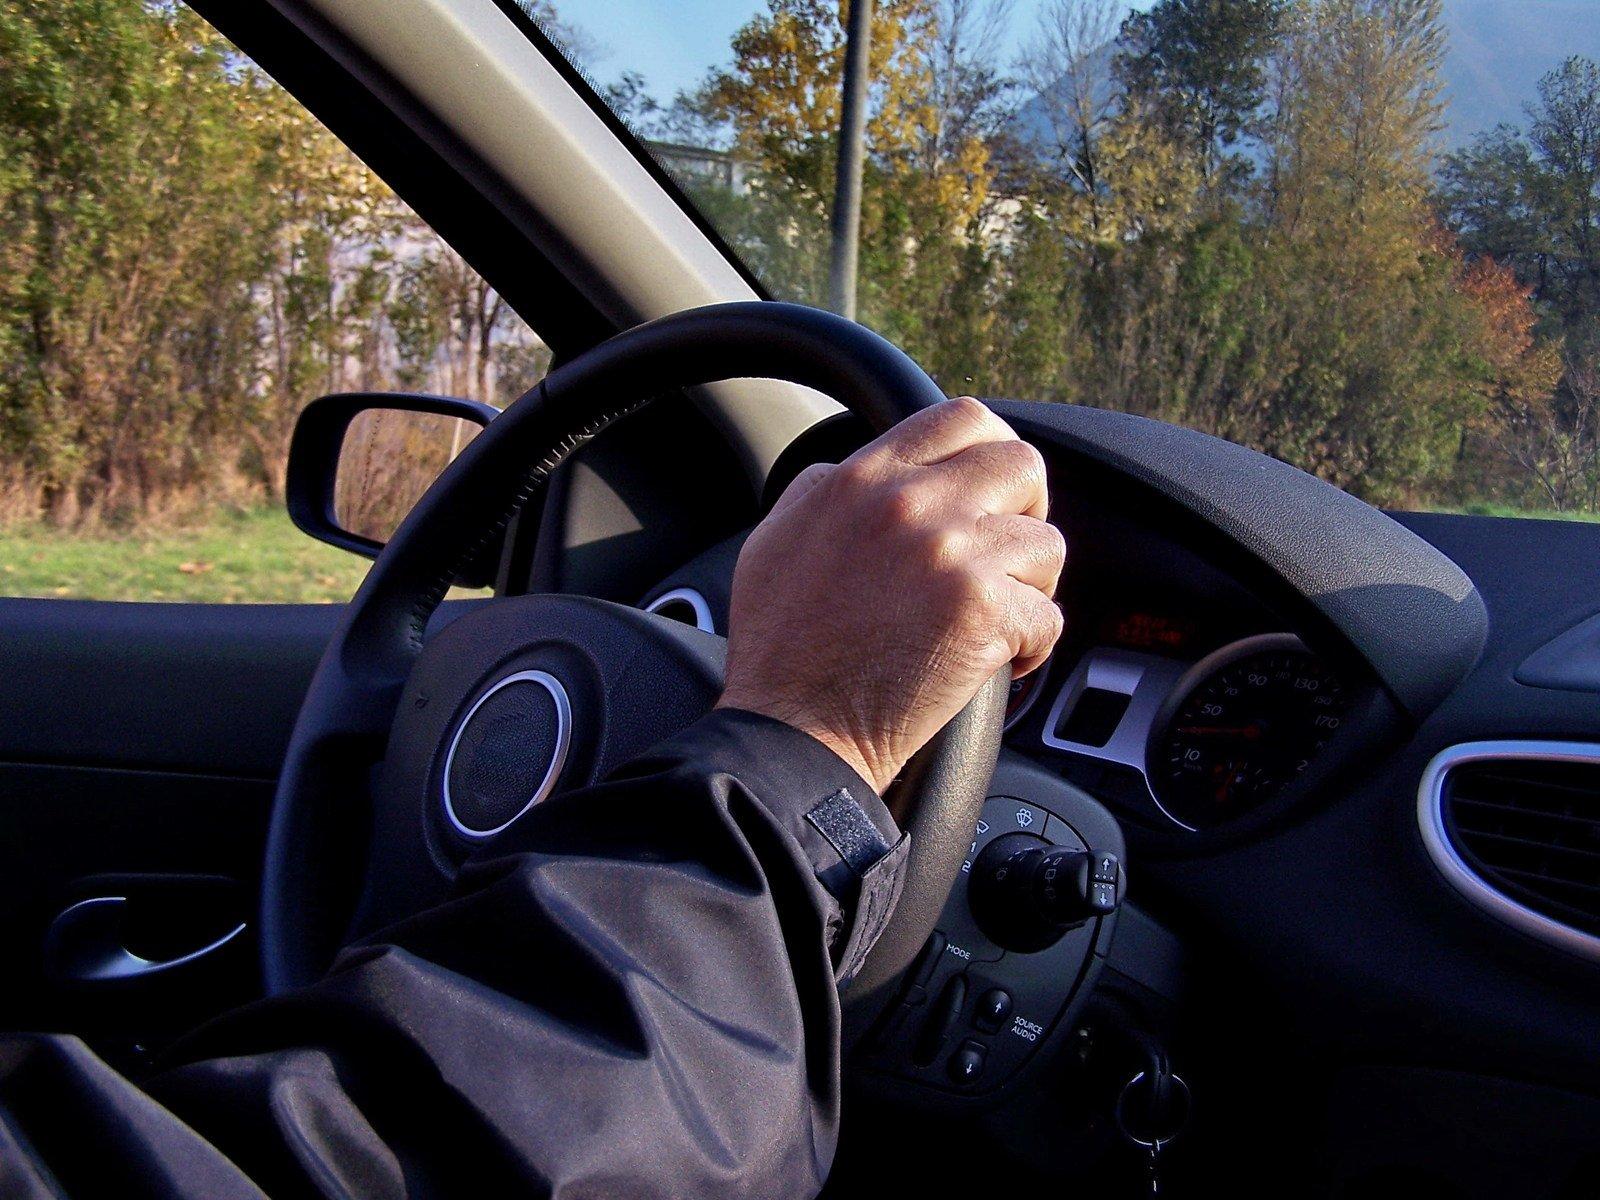 Своими, картинки мужчина за рулем автомобиля прикольные короткие